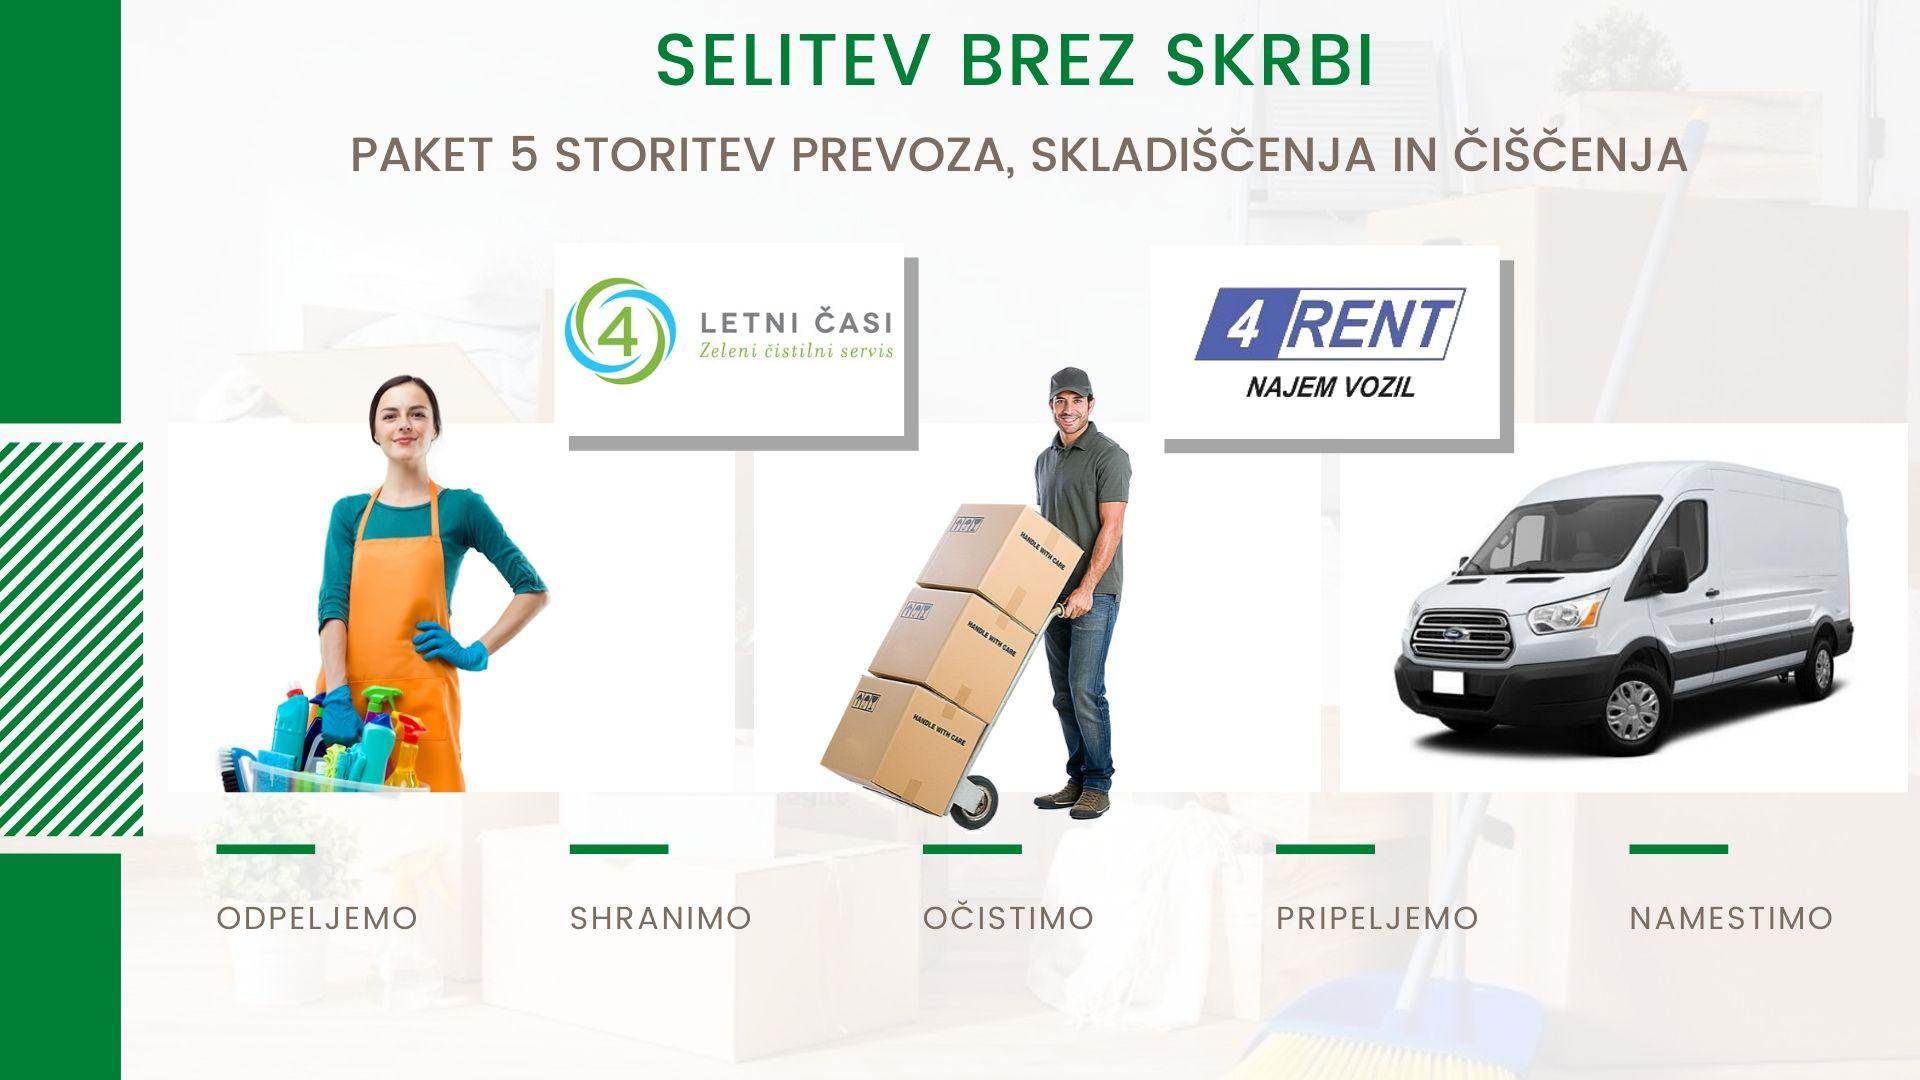 Selitveni servis v okviru podjetij 4 letni časi in 4 rent poskrbi za paket storitev od prevoza, skladiščenja do čiščenja